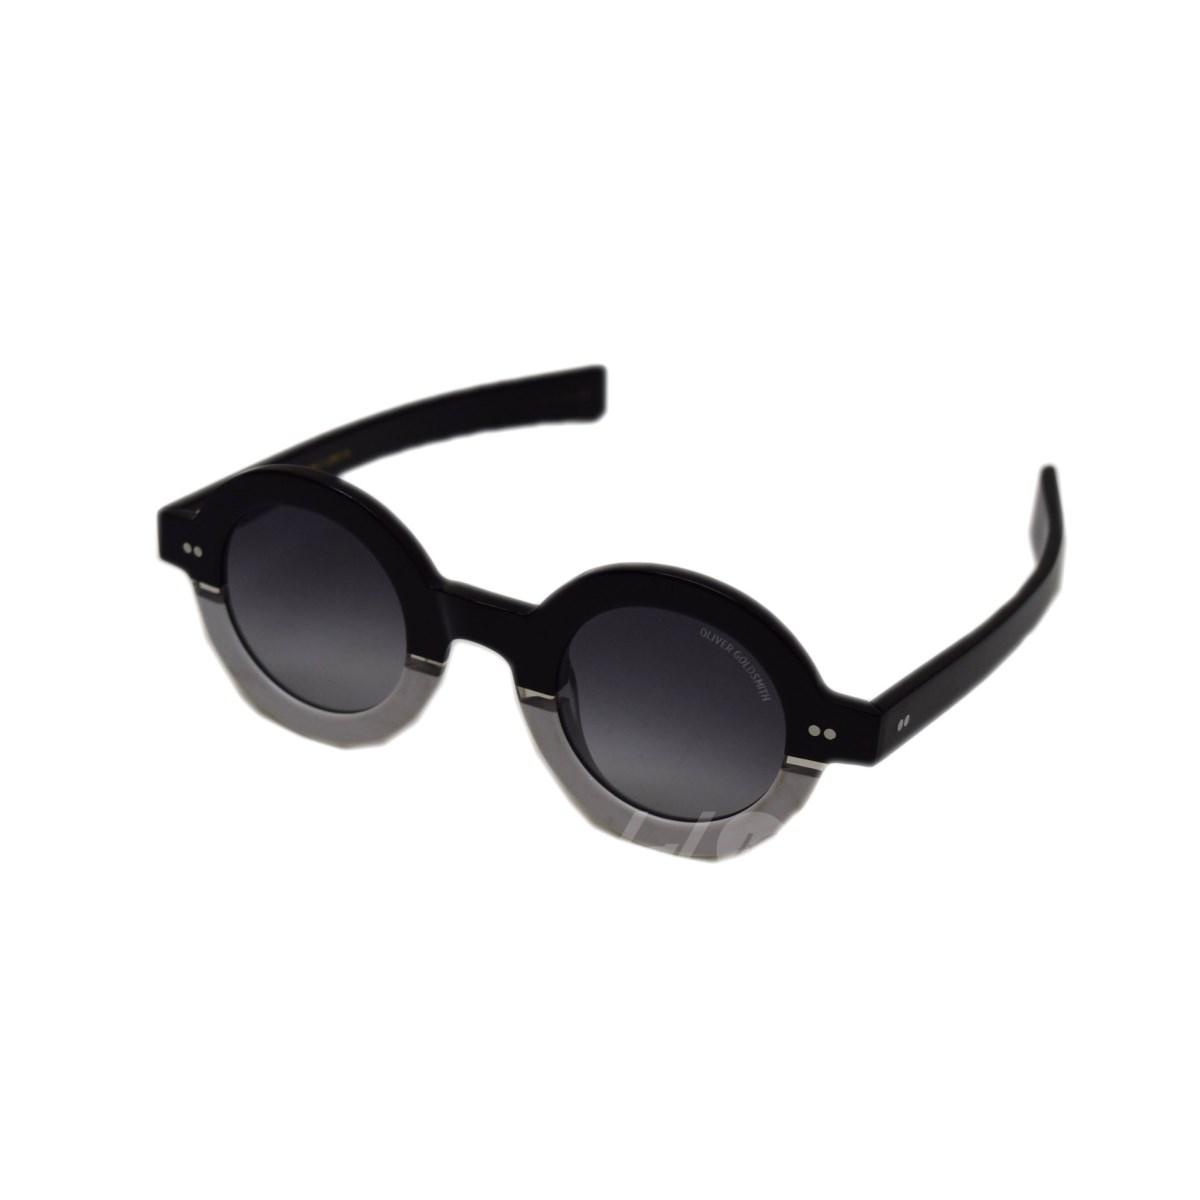 【中古】OLIVER GOLDSMITH xDECADES 1930S ラウンドサングラス ブラックxホワイト サイズ:- 【送料無料】 【190918】(オリバーゴールドスミス)